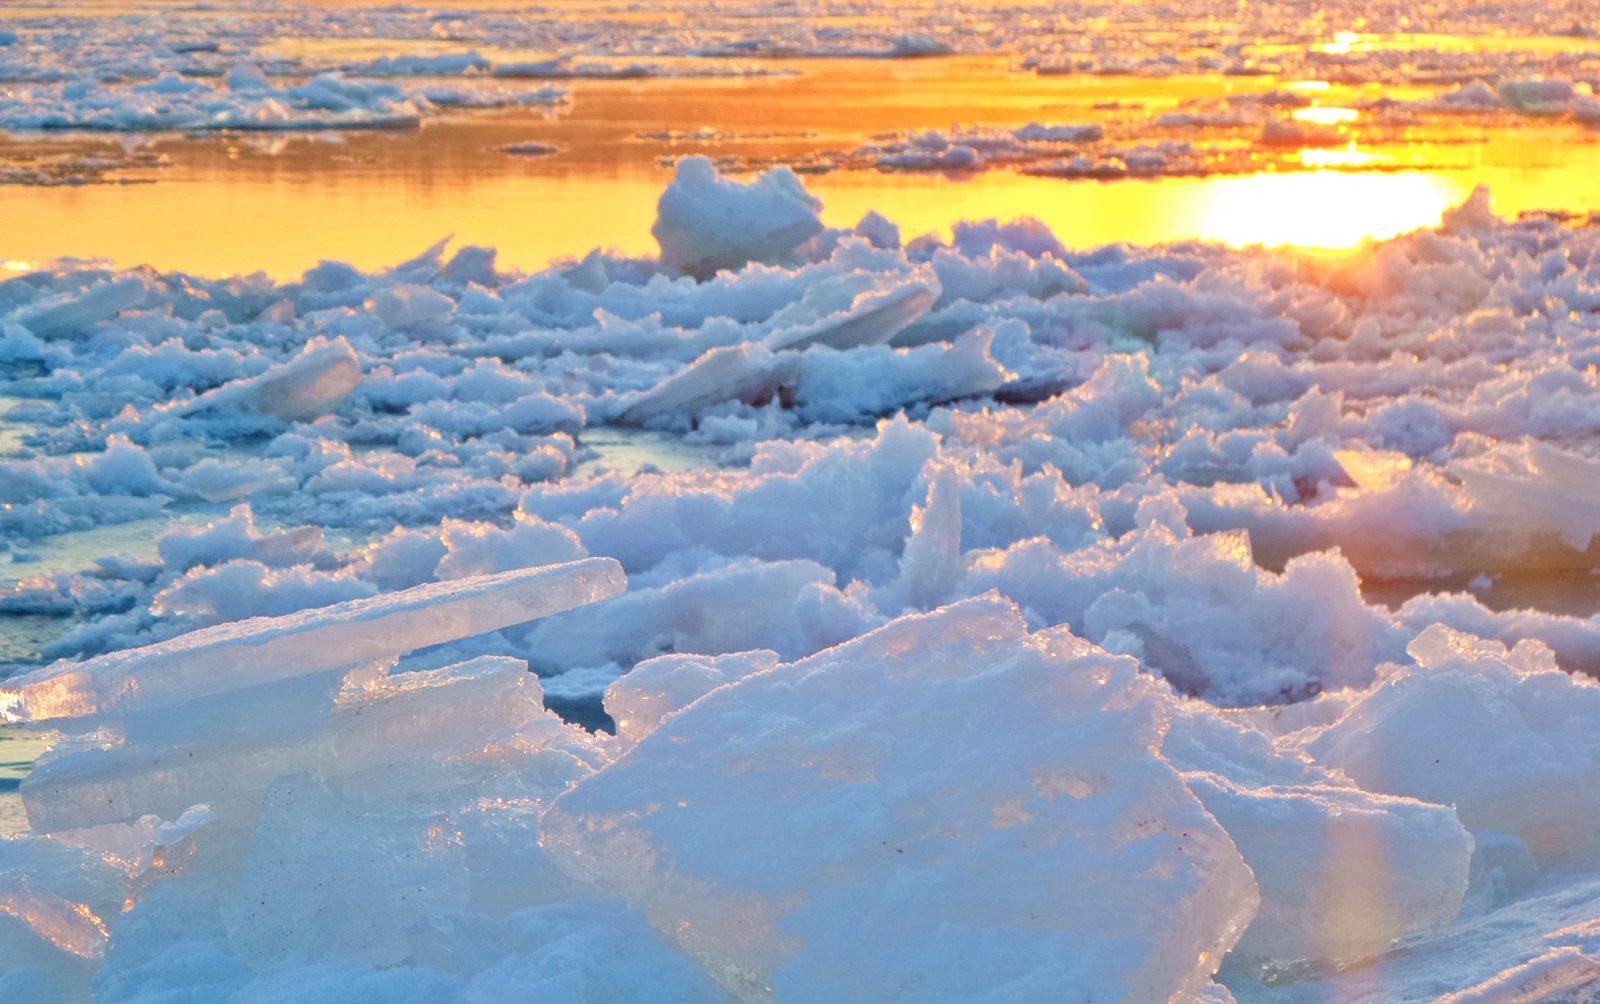 Le départ des glaces sera-t-il le 15mai à 14h30 ?